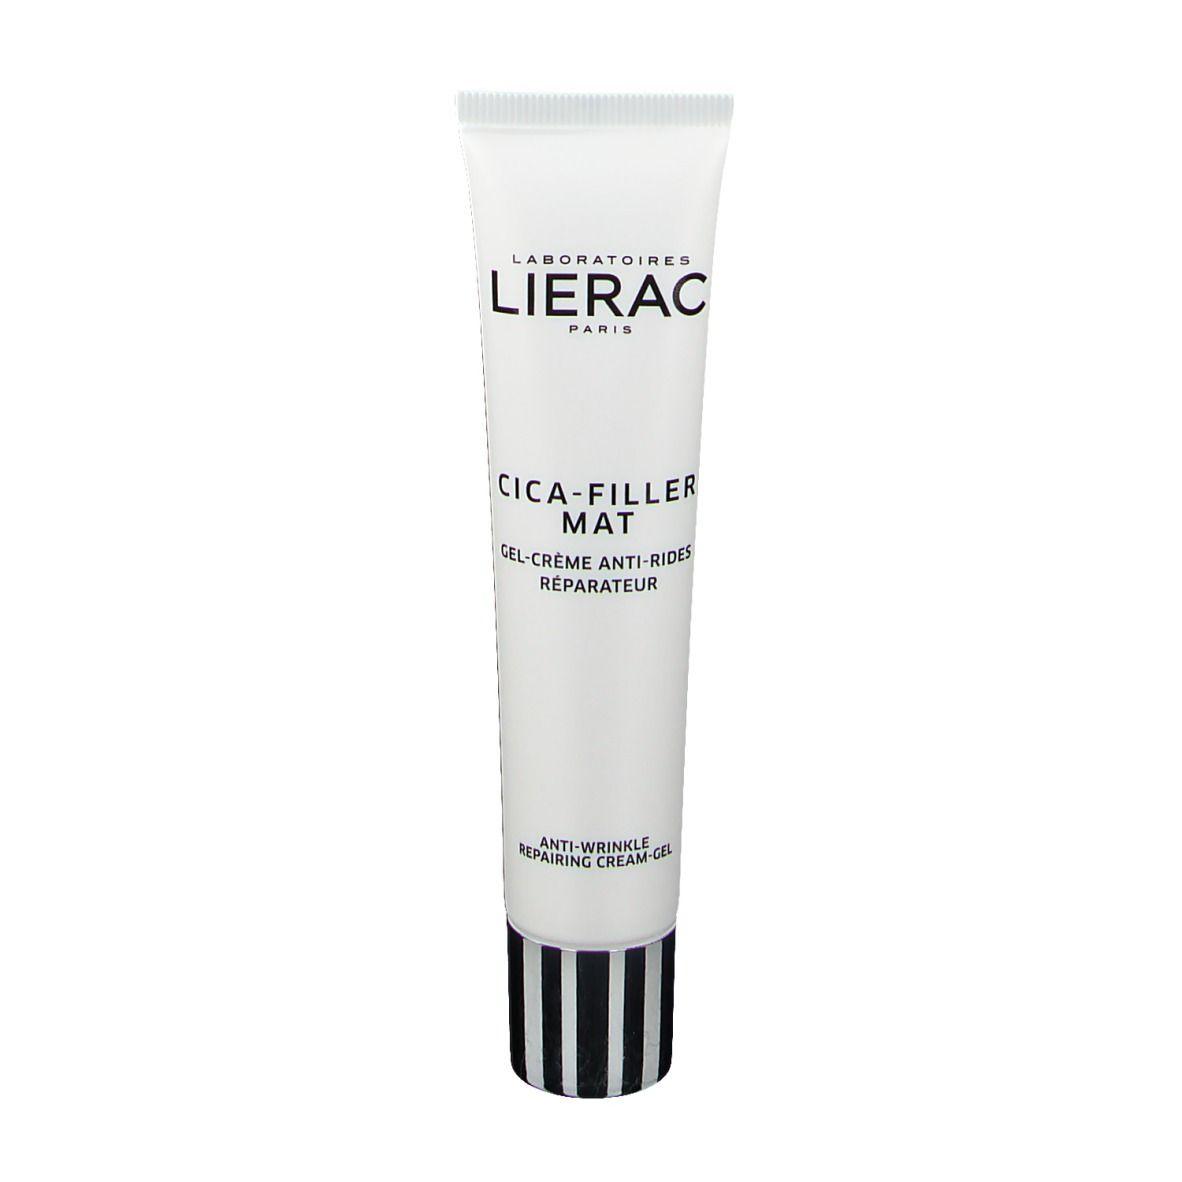 Lierac CICA-FILLER MAT Gel-Crème Anti-Rides Réparateur ml crème